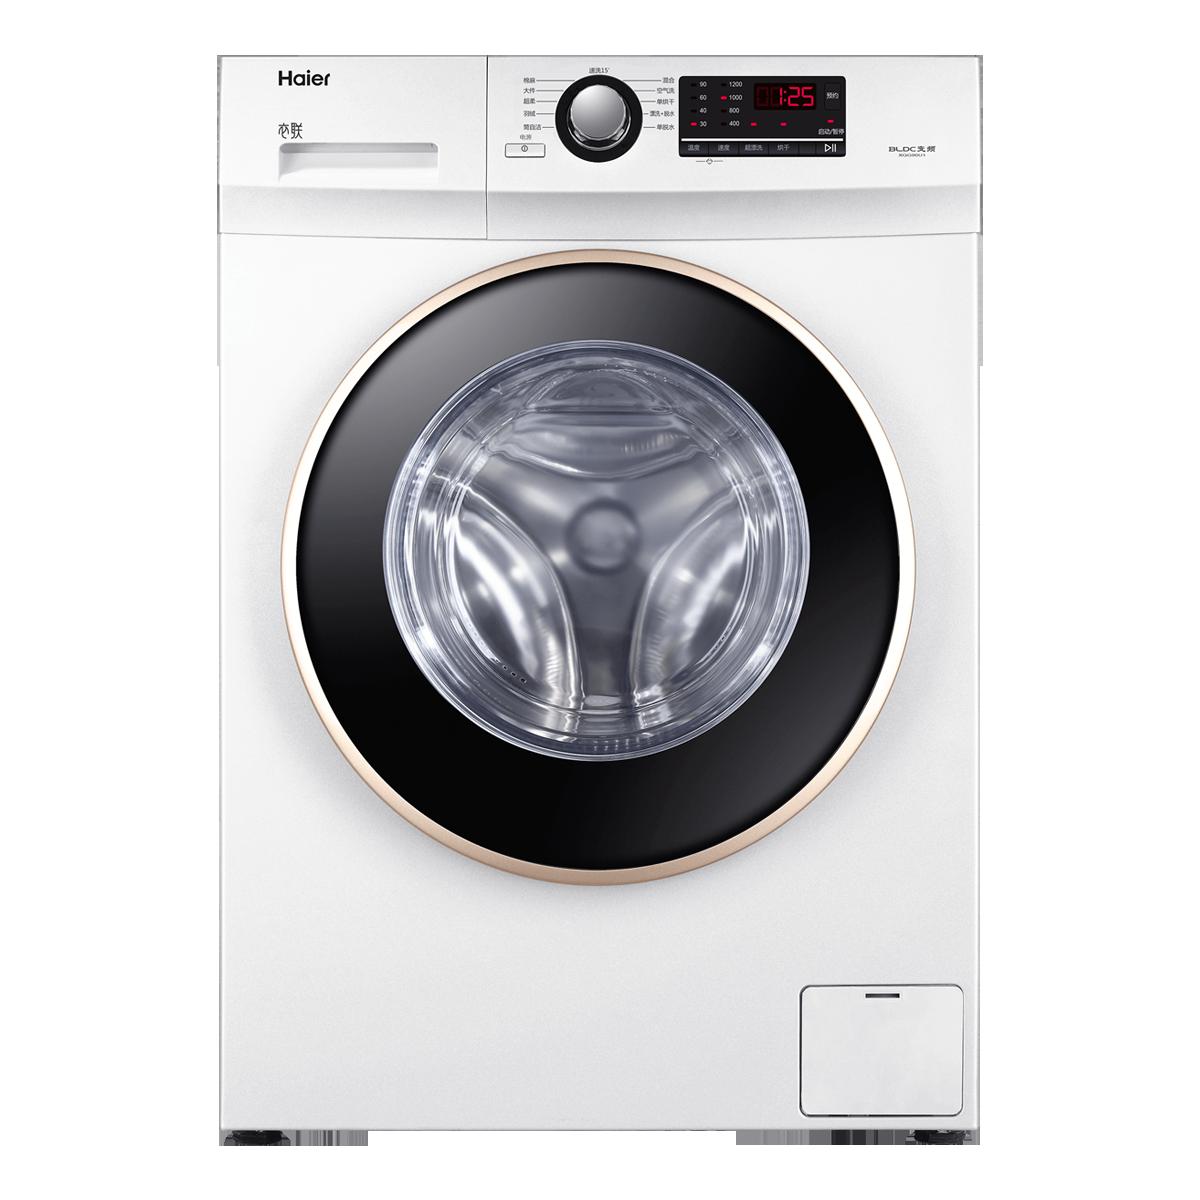 海尔Haier洗衣机 XQG90U1 说明书